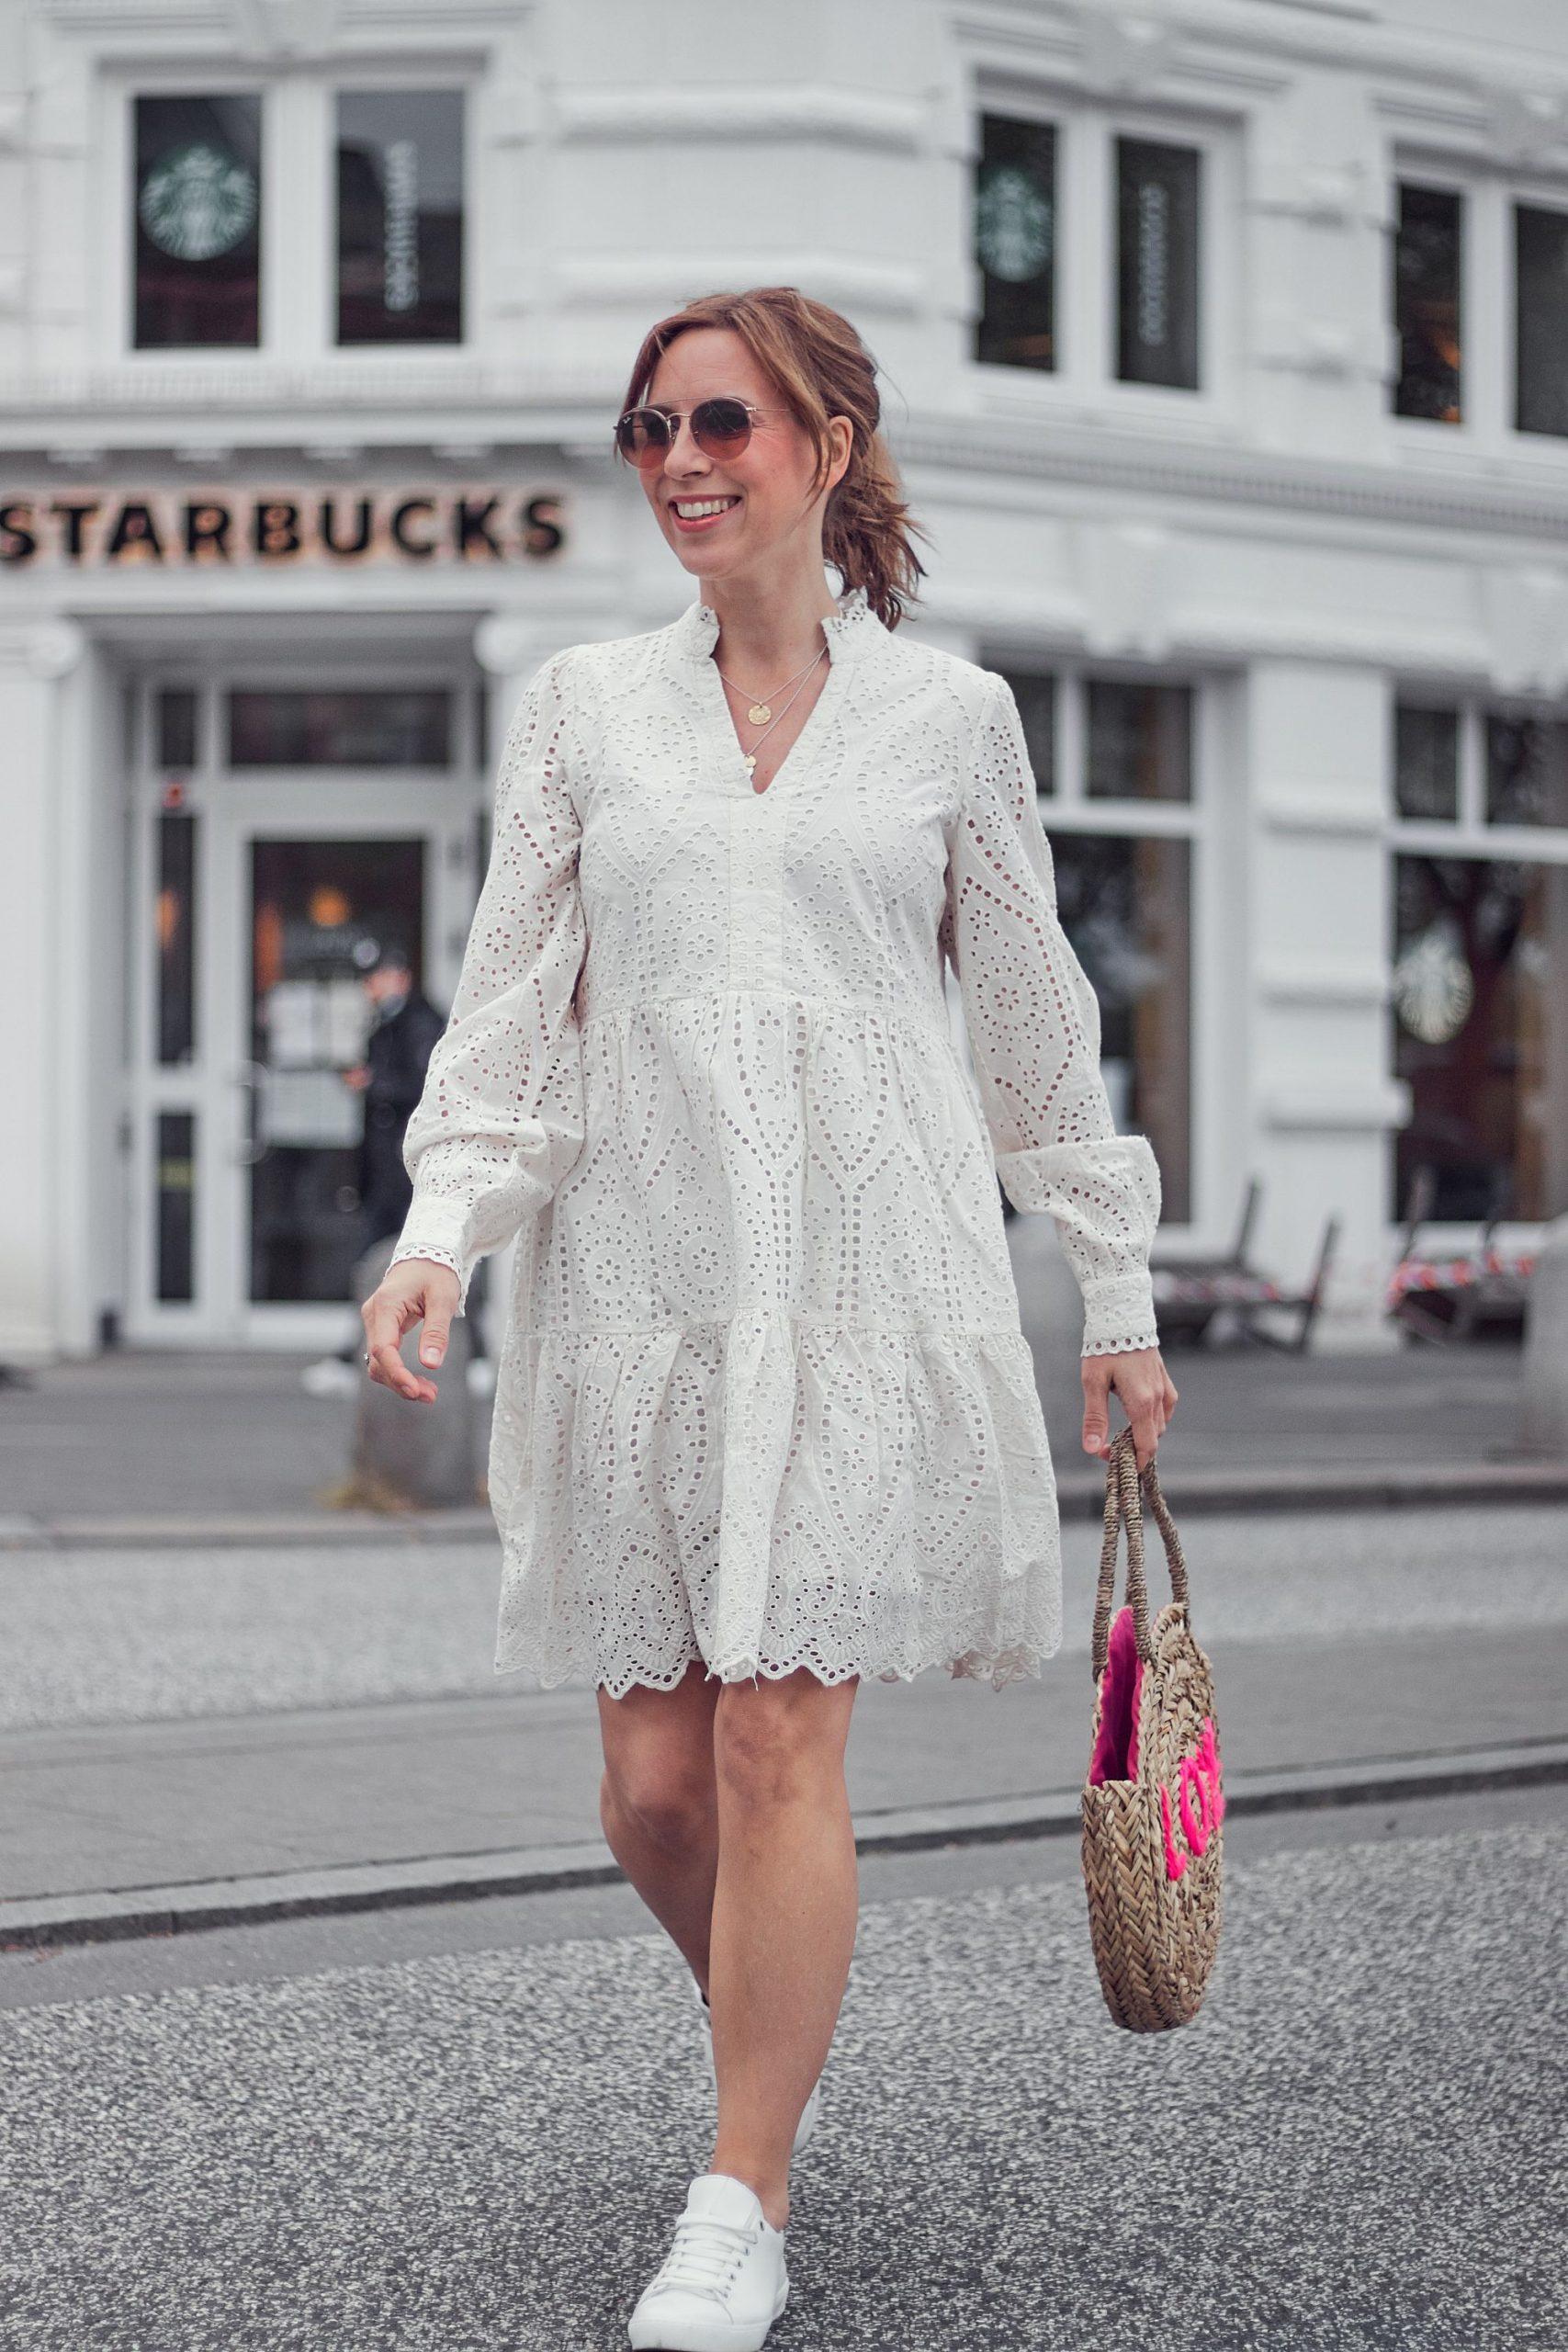 Weißes Lochkleid mit rundgeflochtener Korbtasche aus dem Impressionen Shop